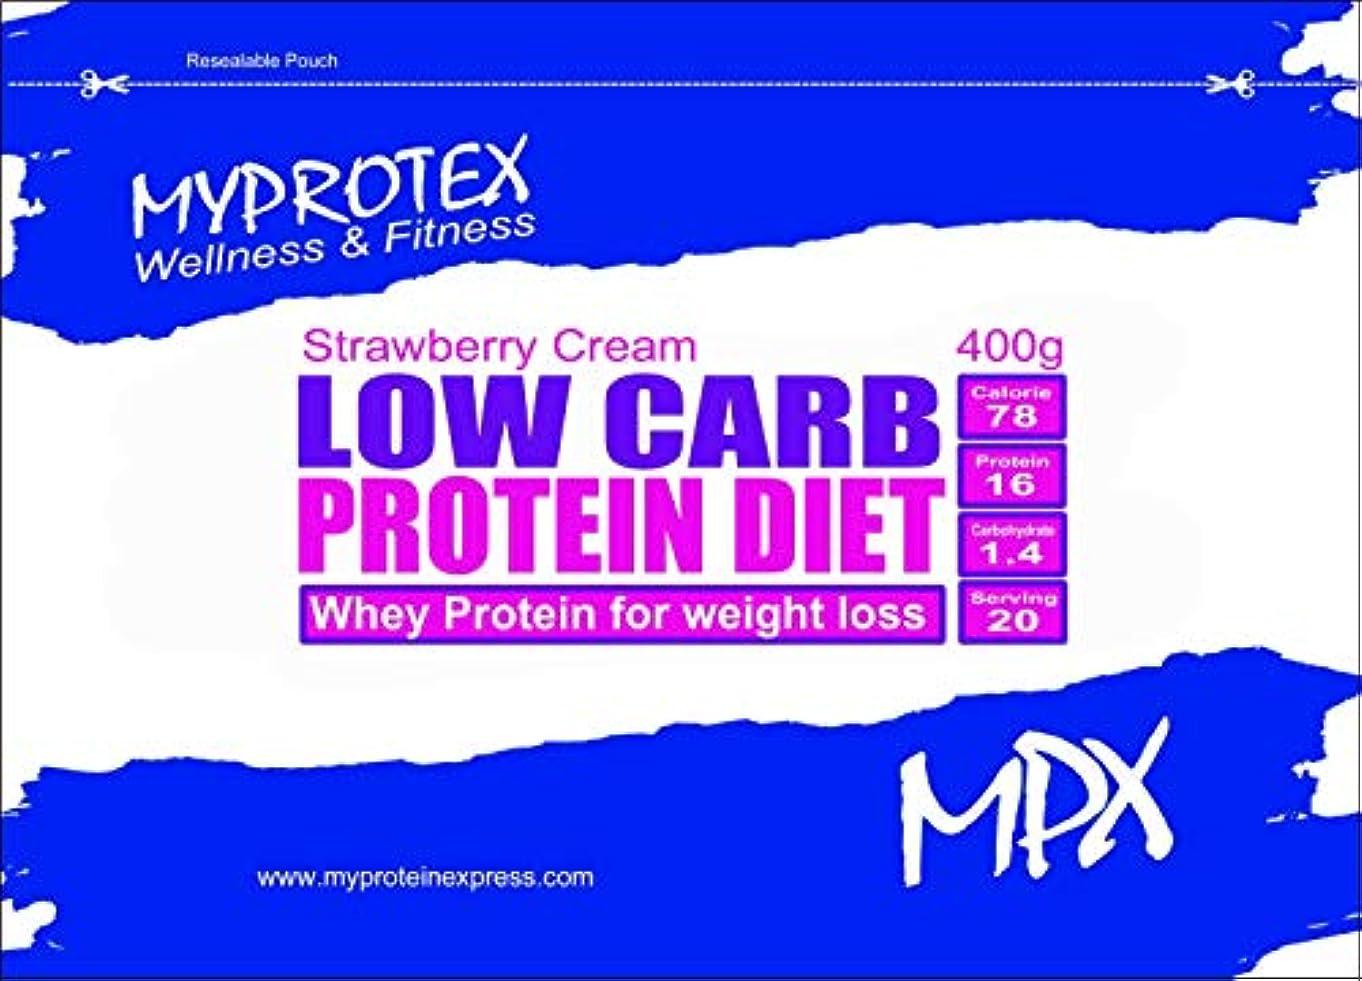 市の花振幅バンケットMPX ローカーボ プロテインダイエット?Low Carb Protein Diet?マイプロテクス ダイエットシェイク (ストロベリークリーム, 400g)